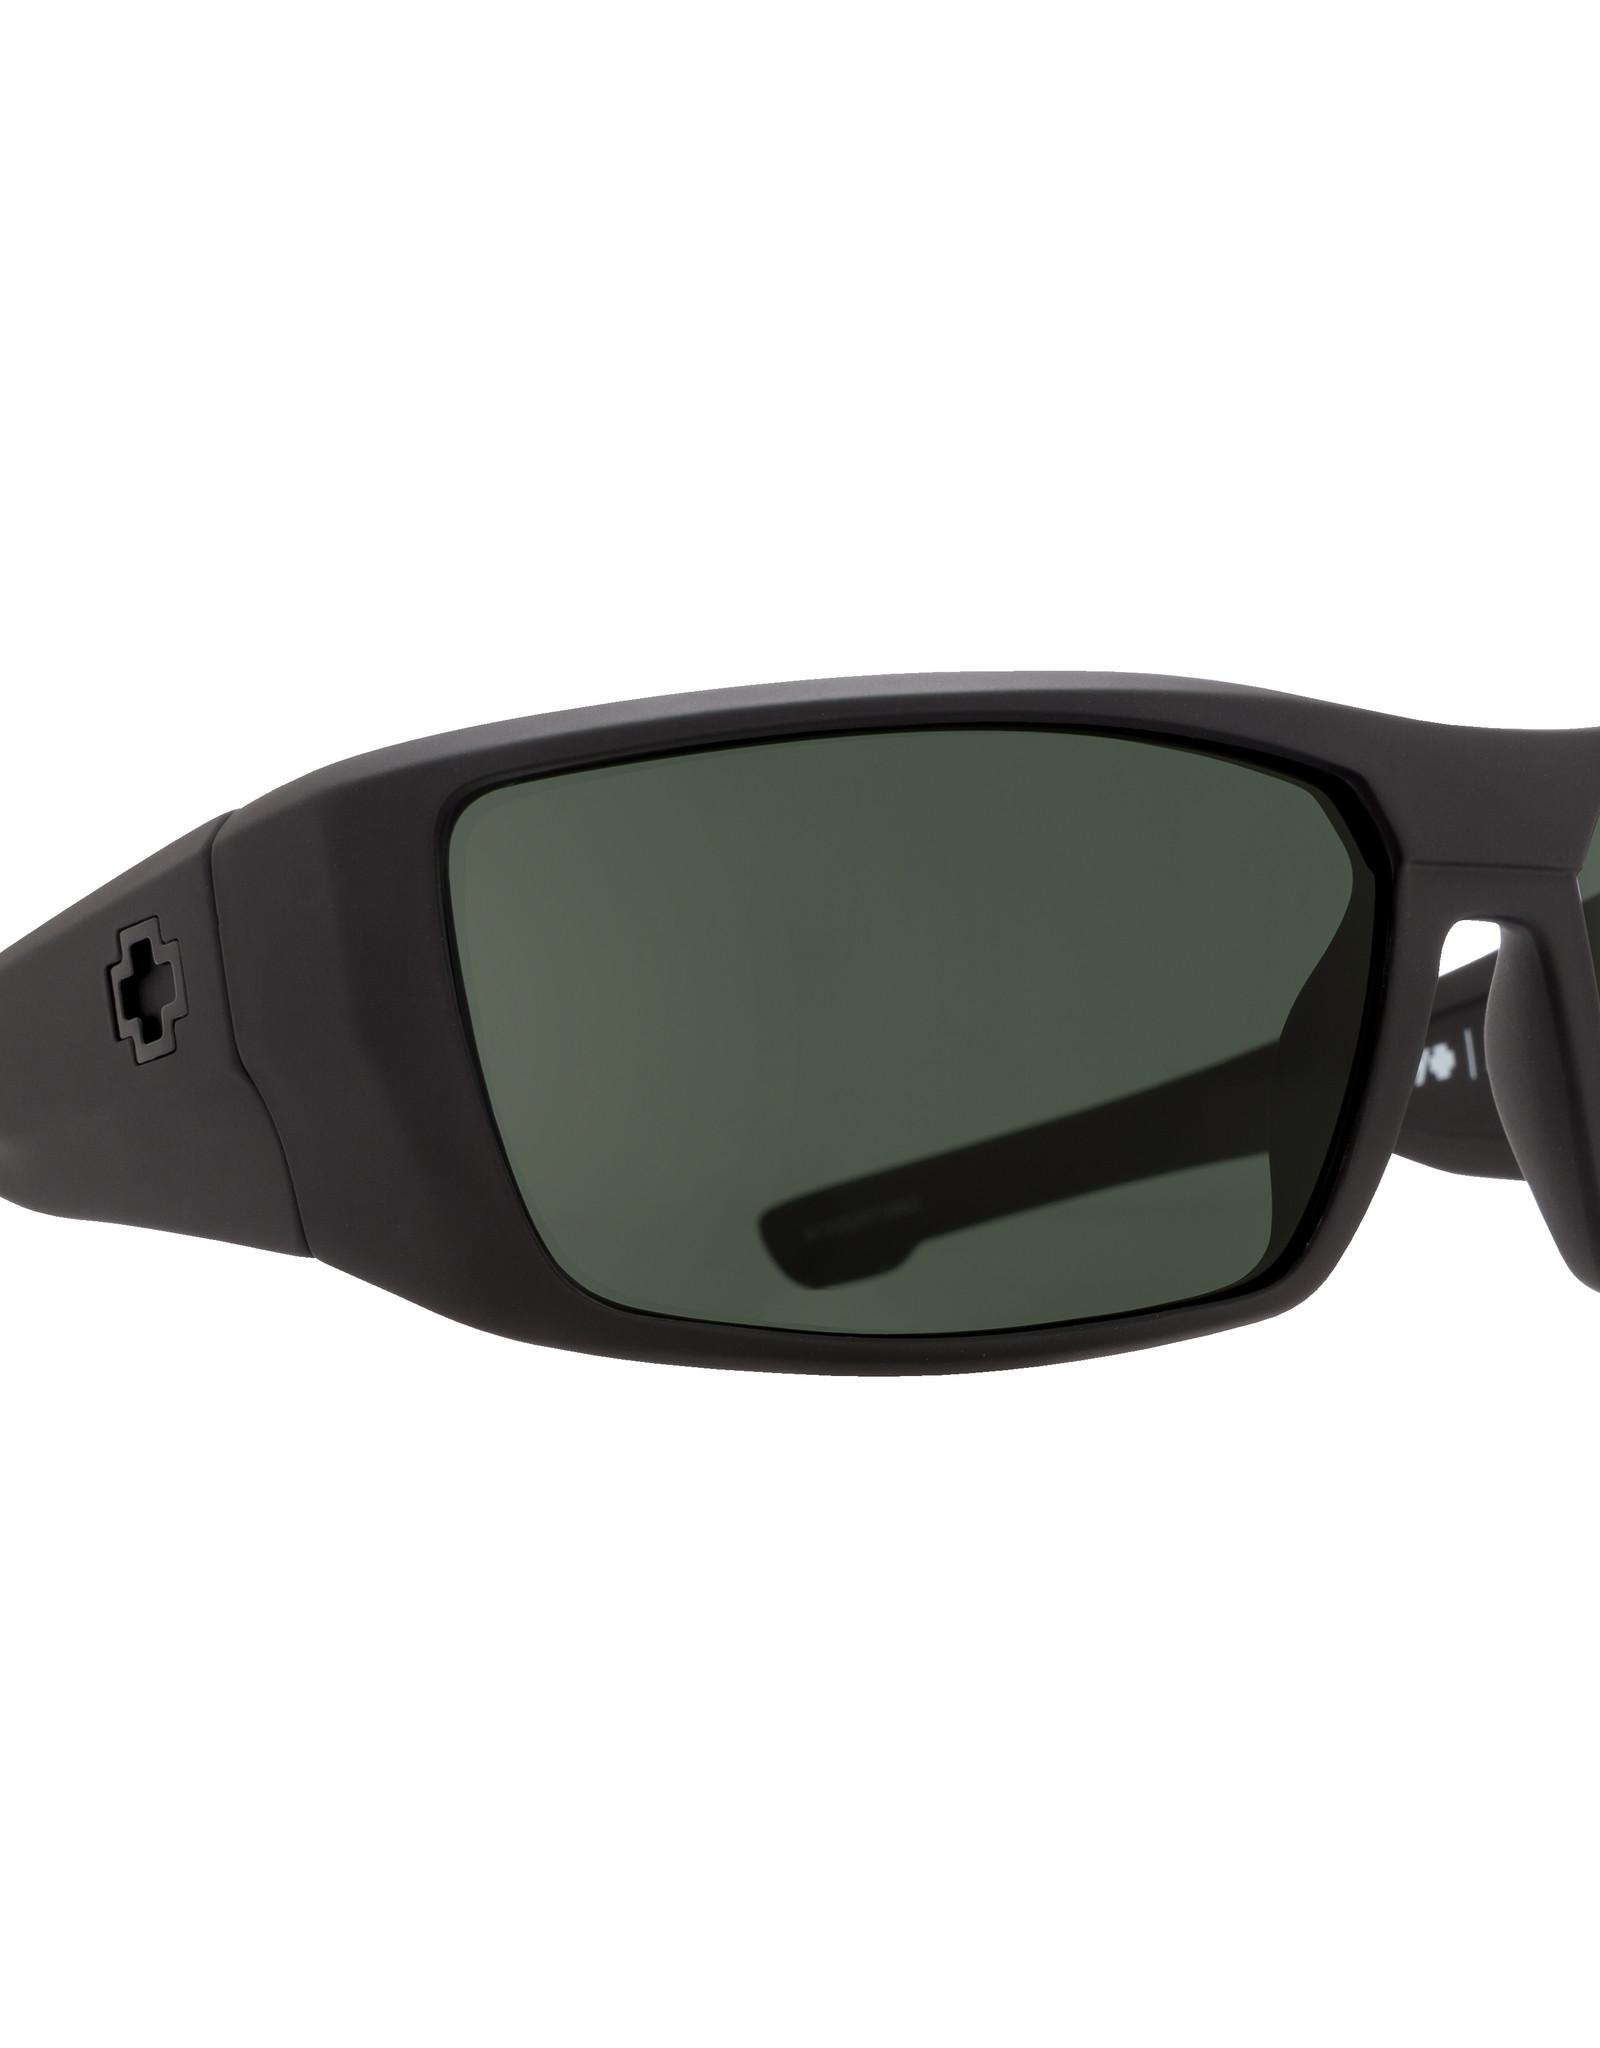 Spy Dirk Soft Matte Black HD Plus Gray Green Polar